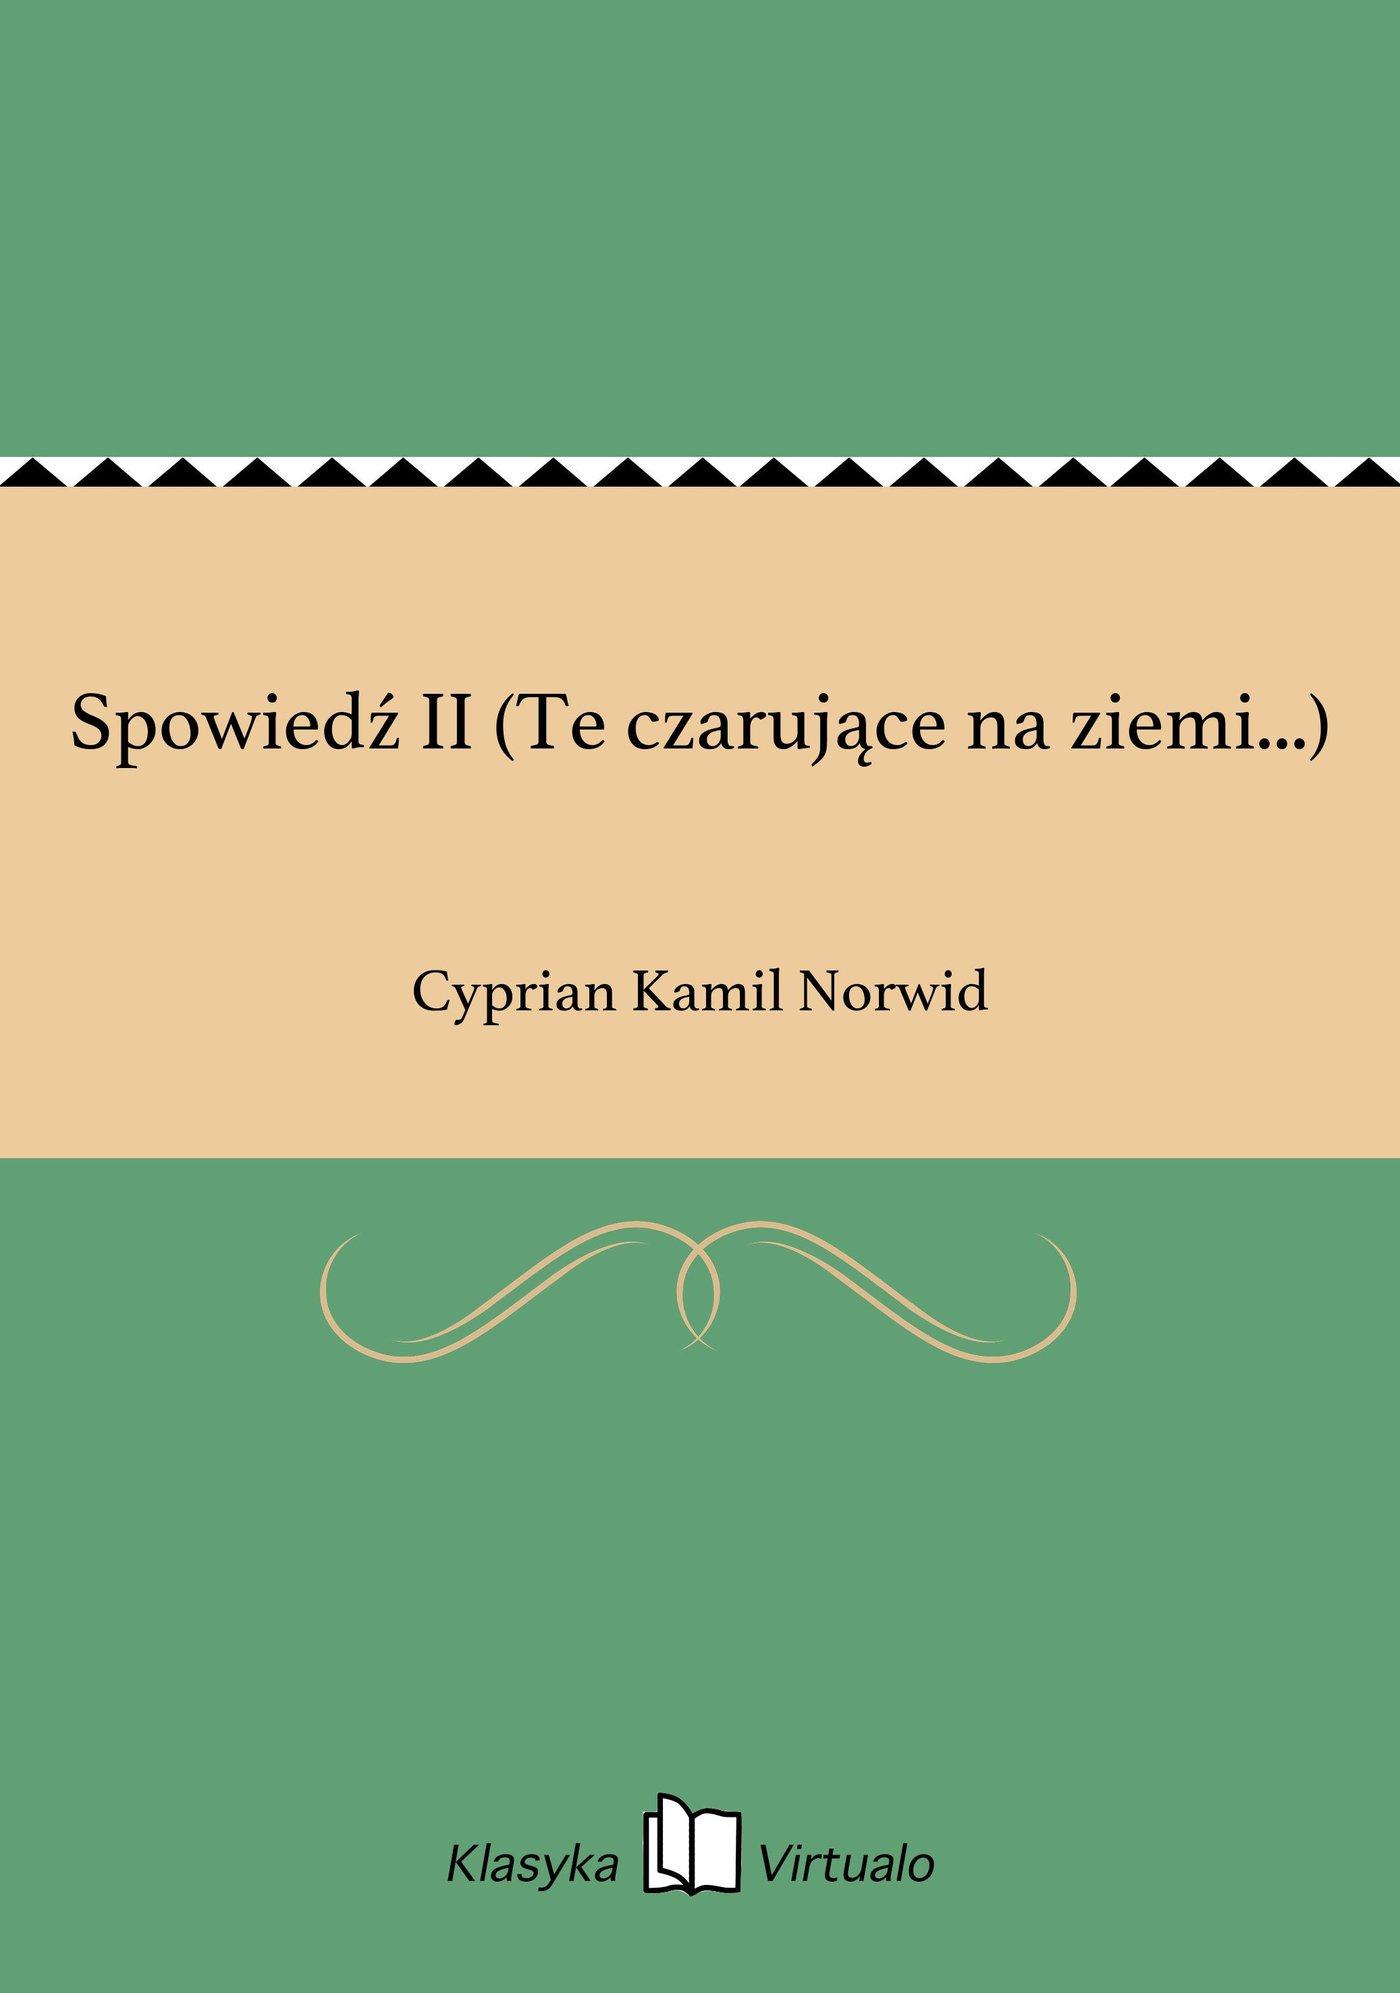 Spowiedź II (Te czarujące na ziemi...) - Ebook (Książka na Kindle) do pobrania w formacie MOBI